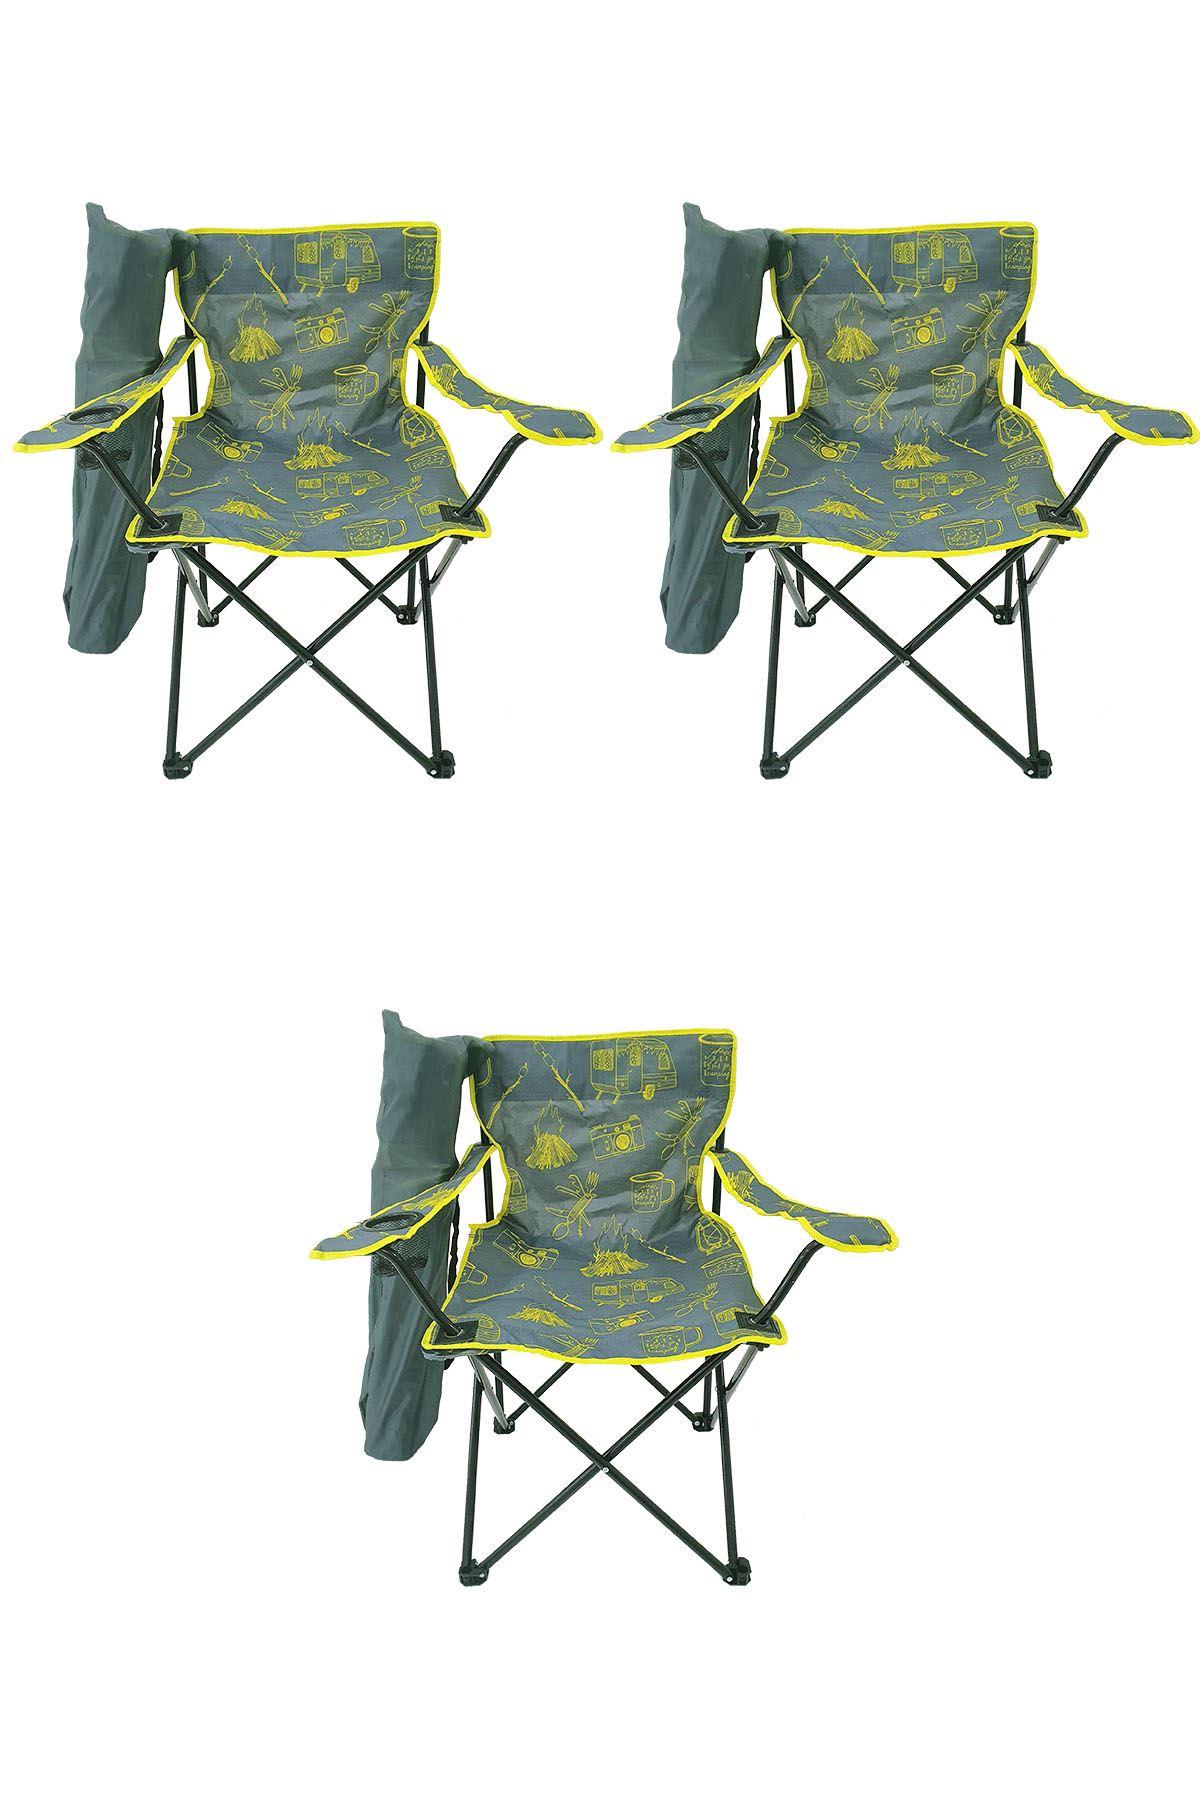 Bofigo 3 Adet Kamp Sandalyesi Katlanır Sandalye Bahçe Koltuğu Piknik Plaj Sandalyesi Desenli Gri